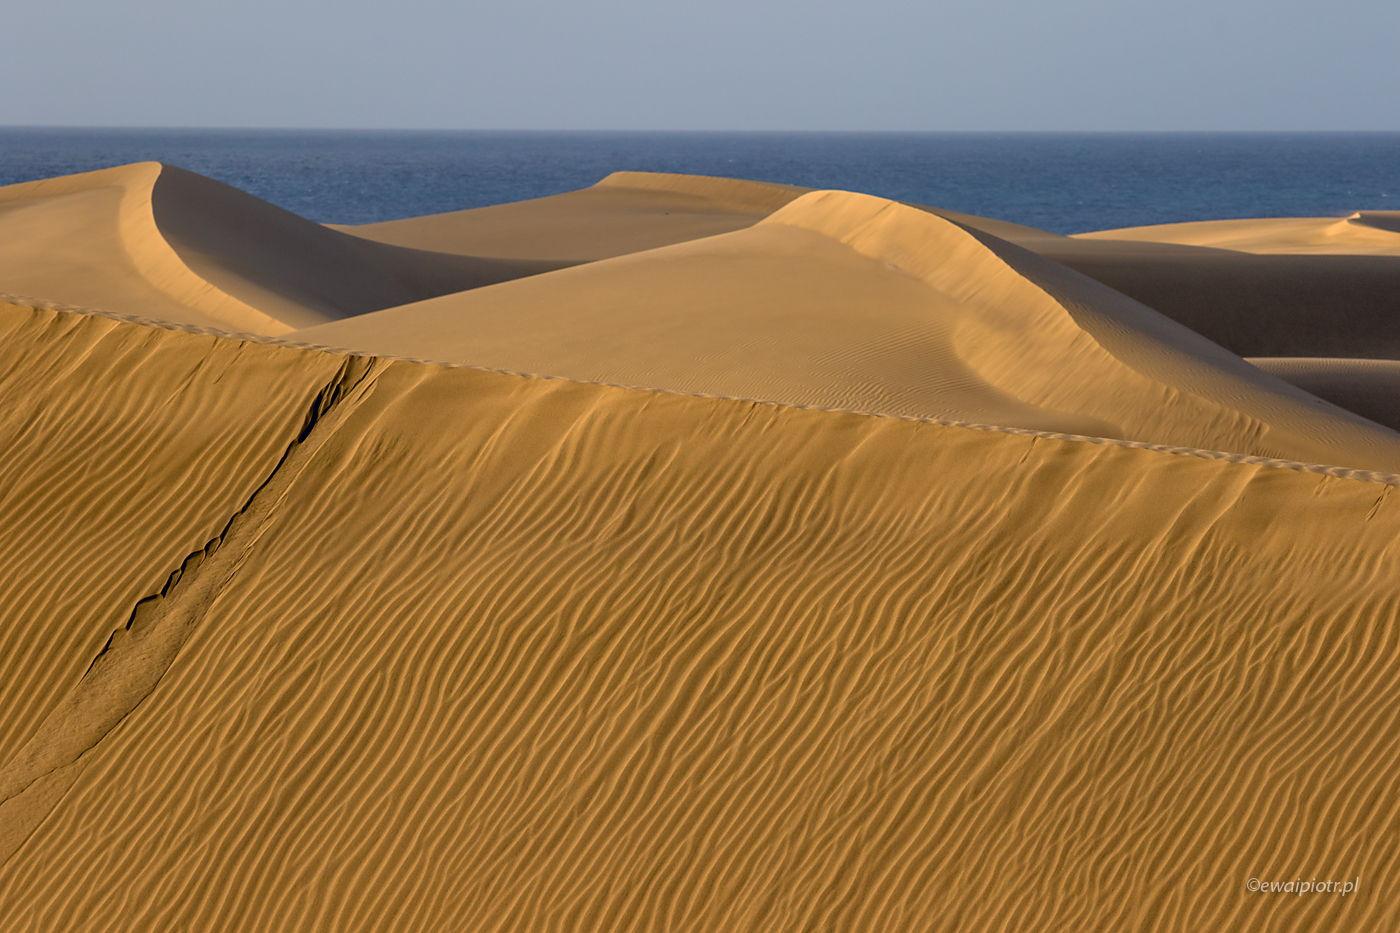 Wydmy Maspalomas, Gran Canaria, Wyspy Kanaryjskie